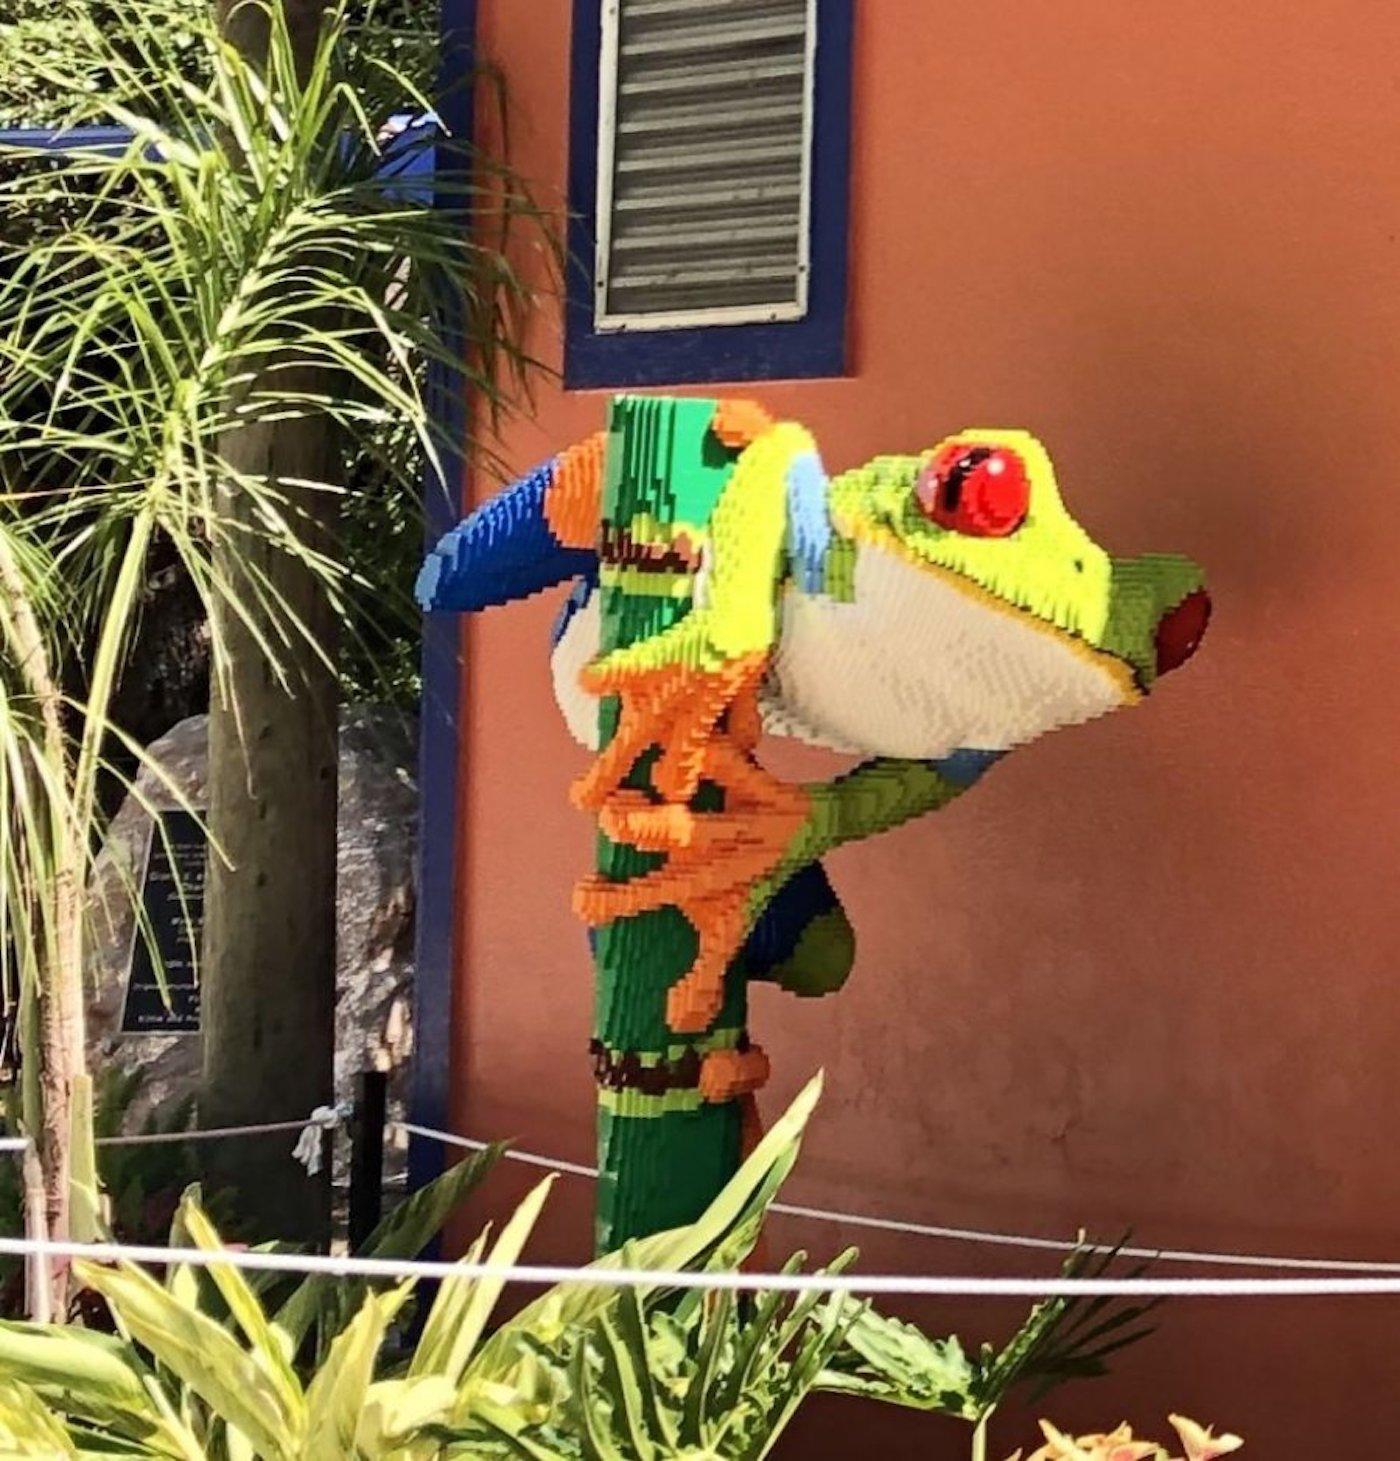 Le zoo de San Antonio dévoile des répliques d'animaux avec des millions de LEGO